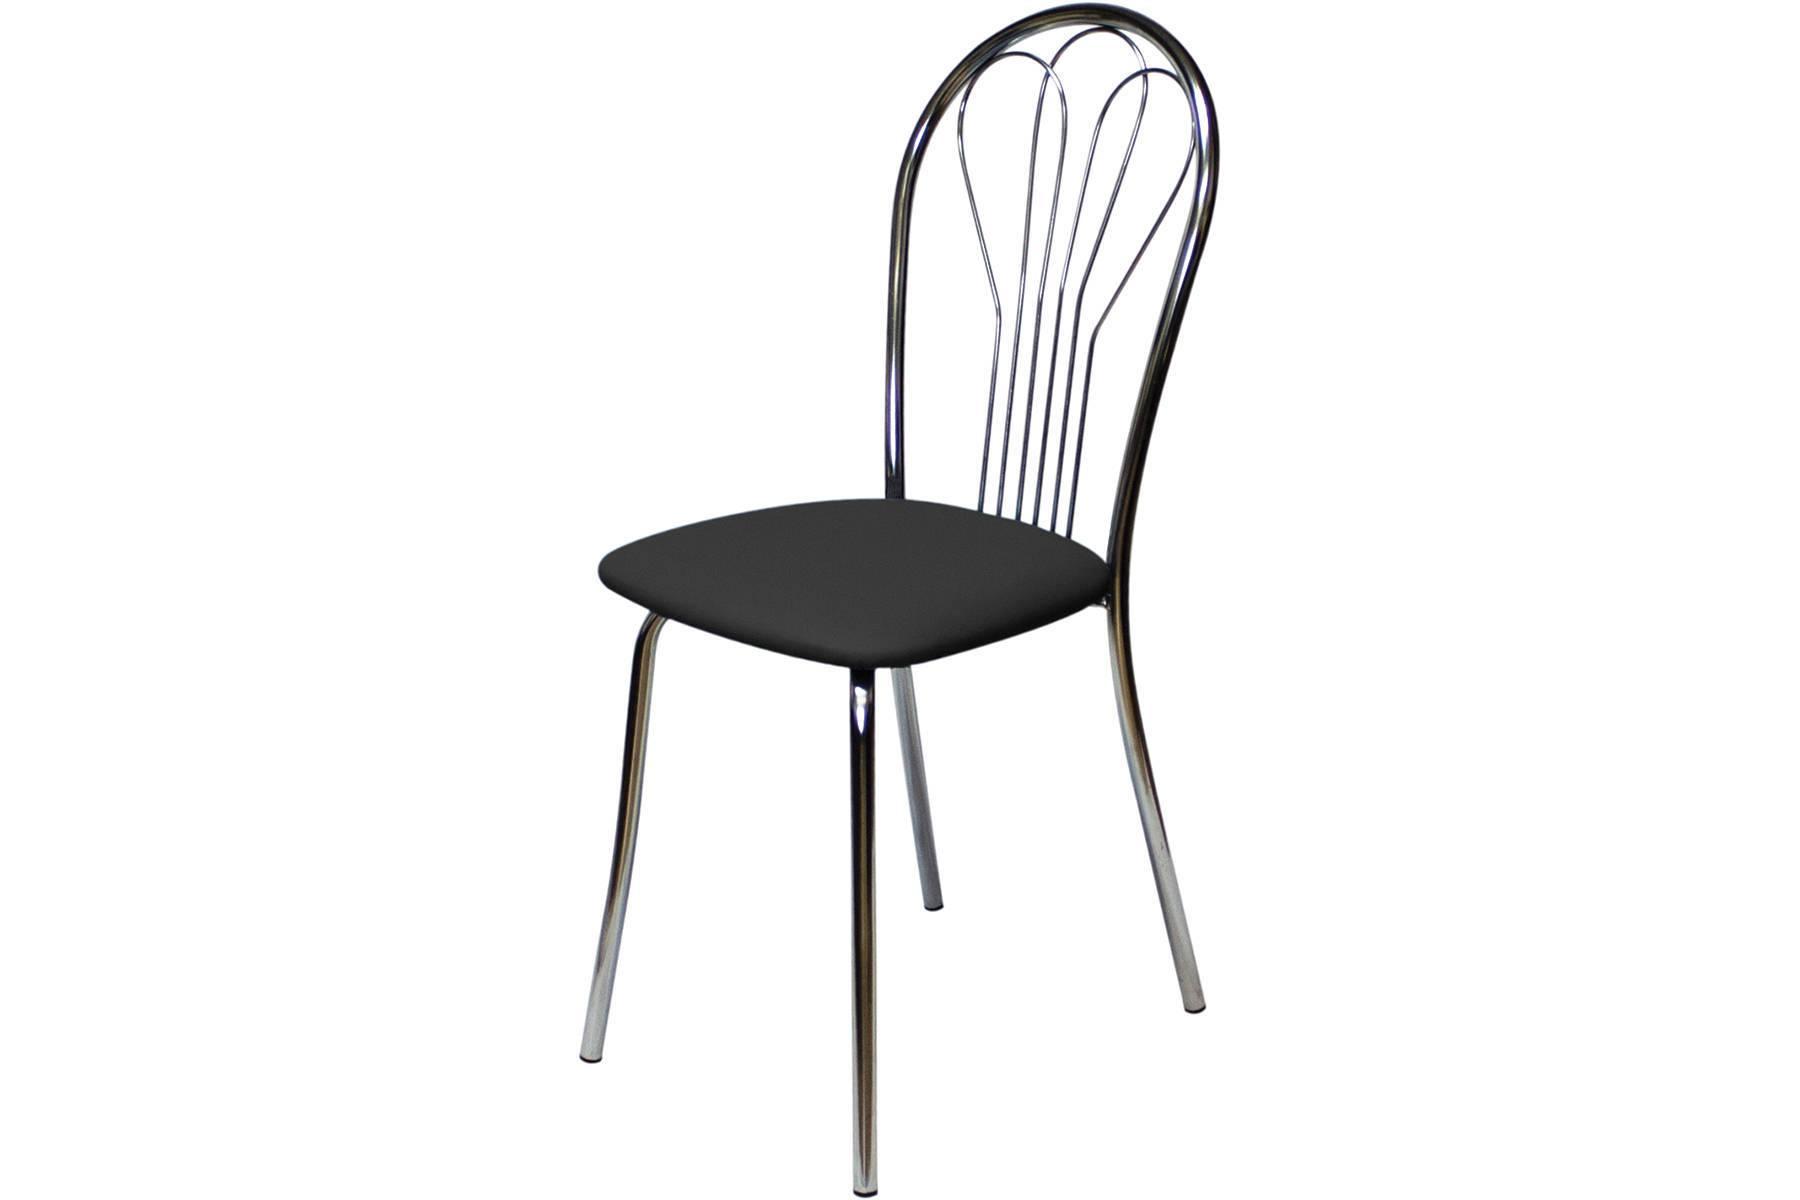 Фото - Стул Версаль (хром) имидж мастер парикмахерское кресло версаль гидравлика пятилучье хром 49 цветов небесный 4